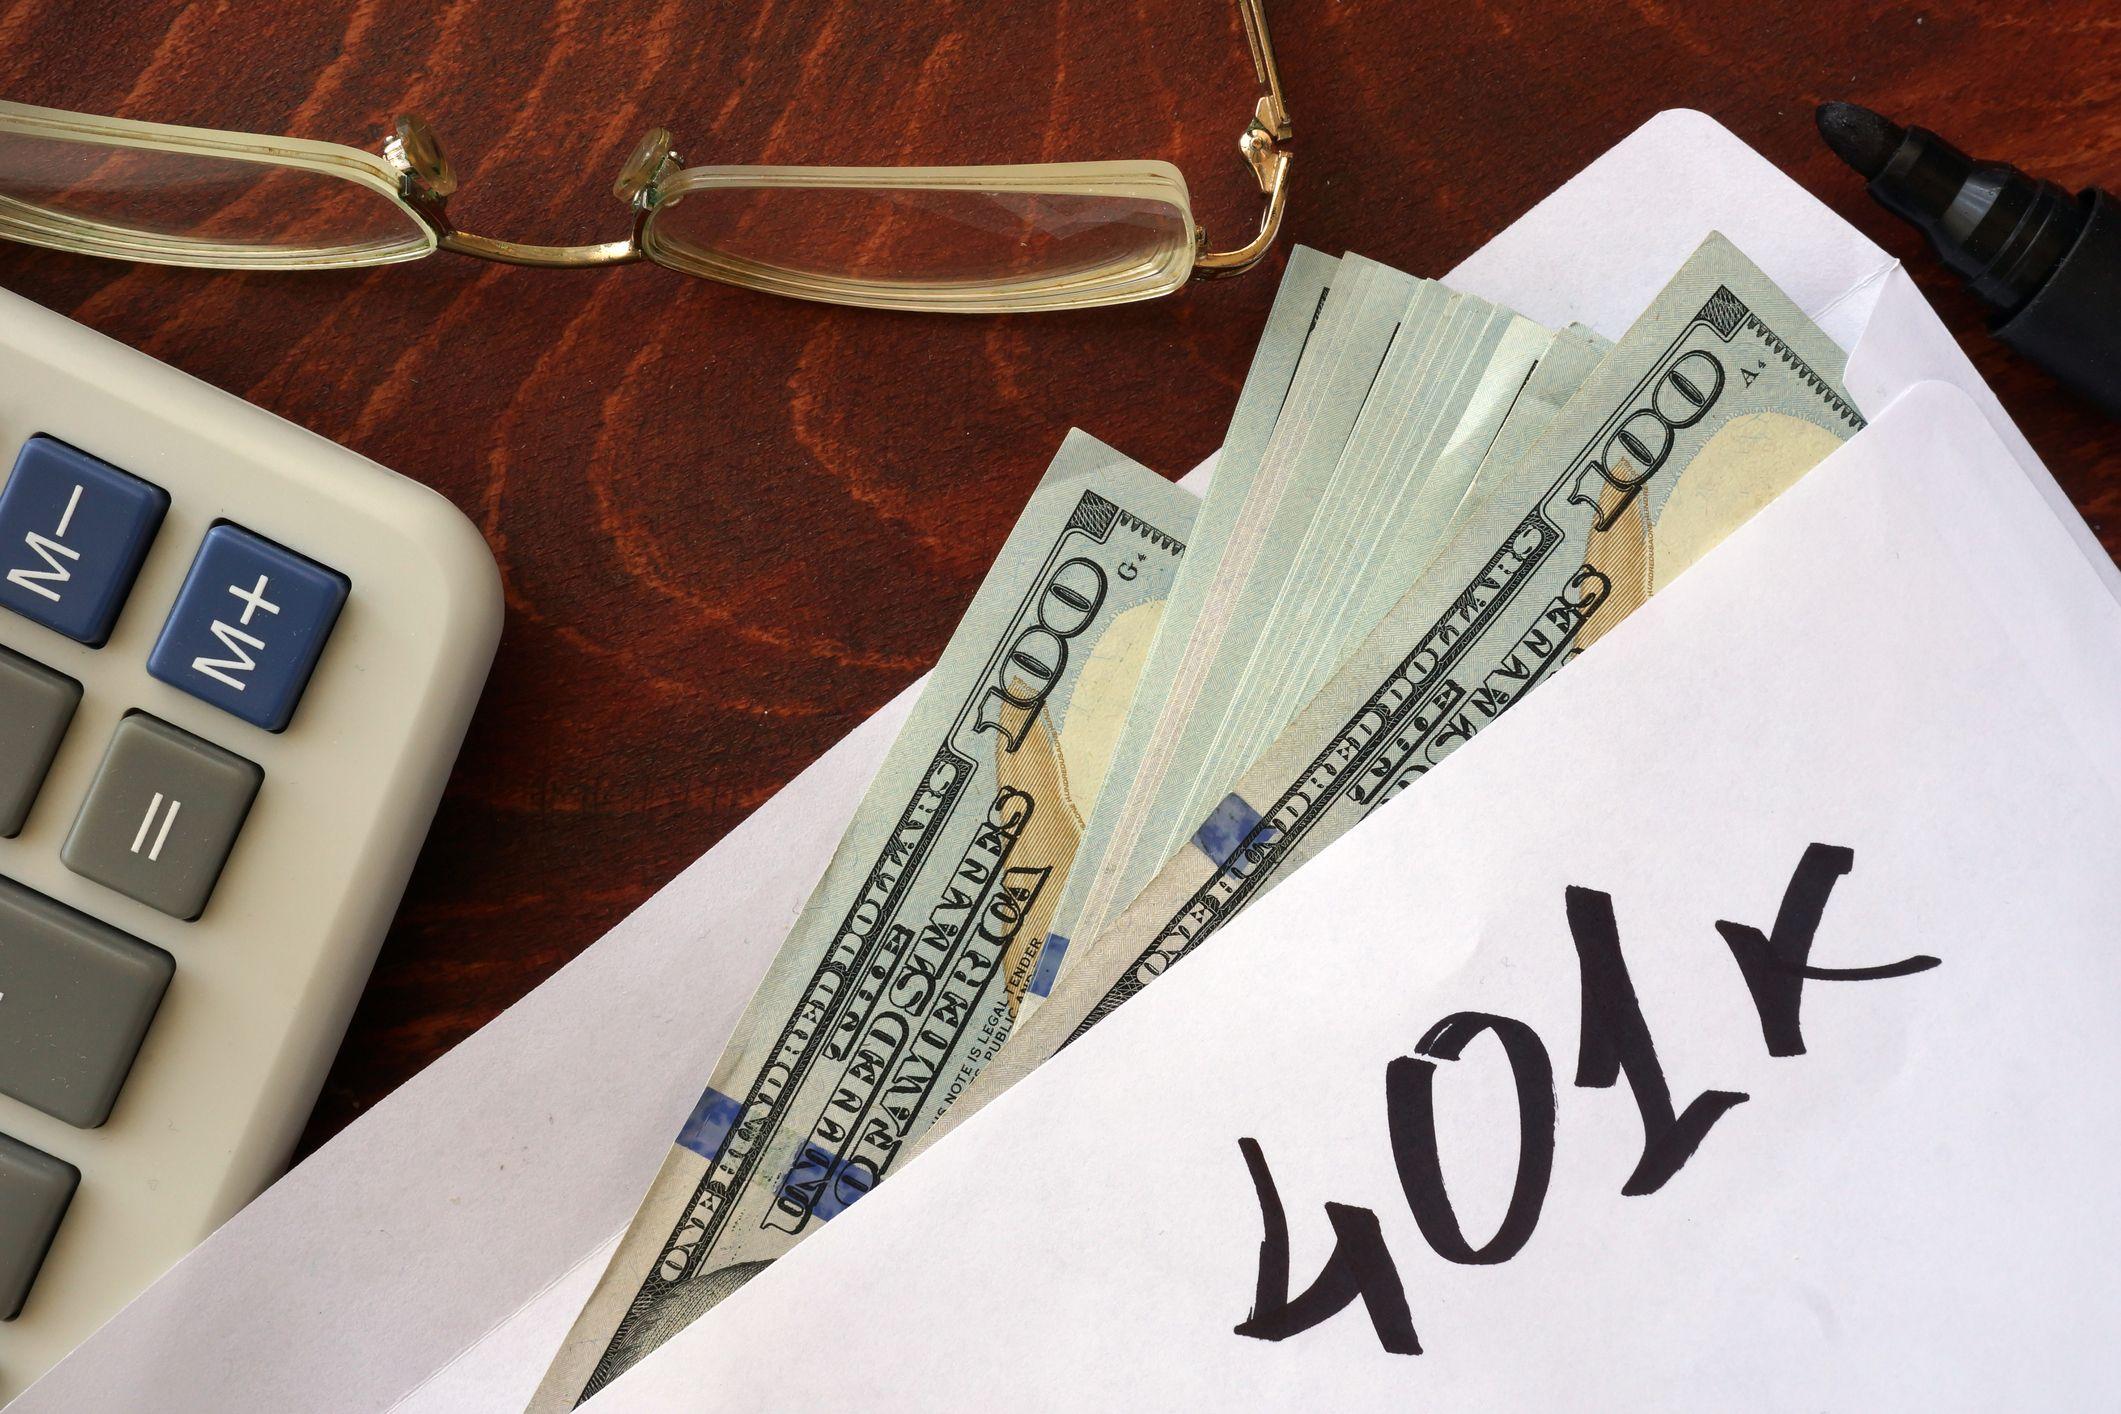 Cash in envelope labeled '401k'